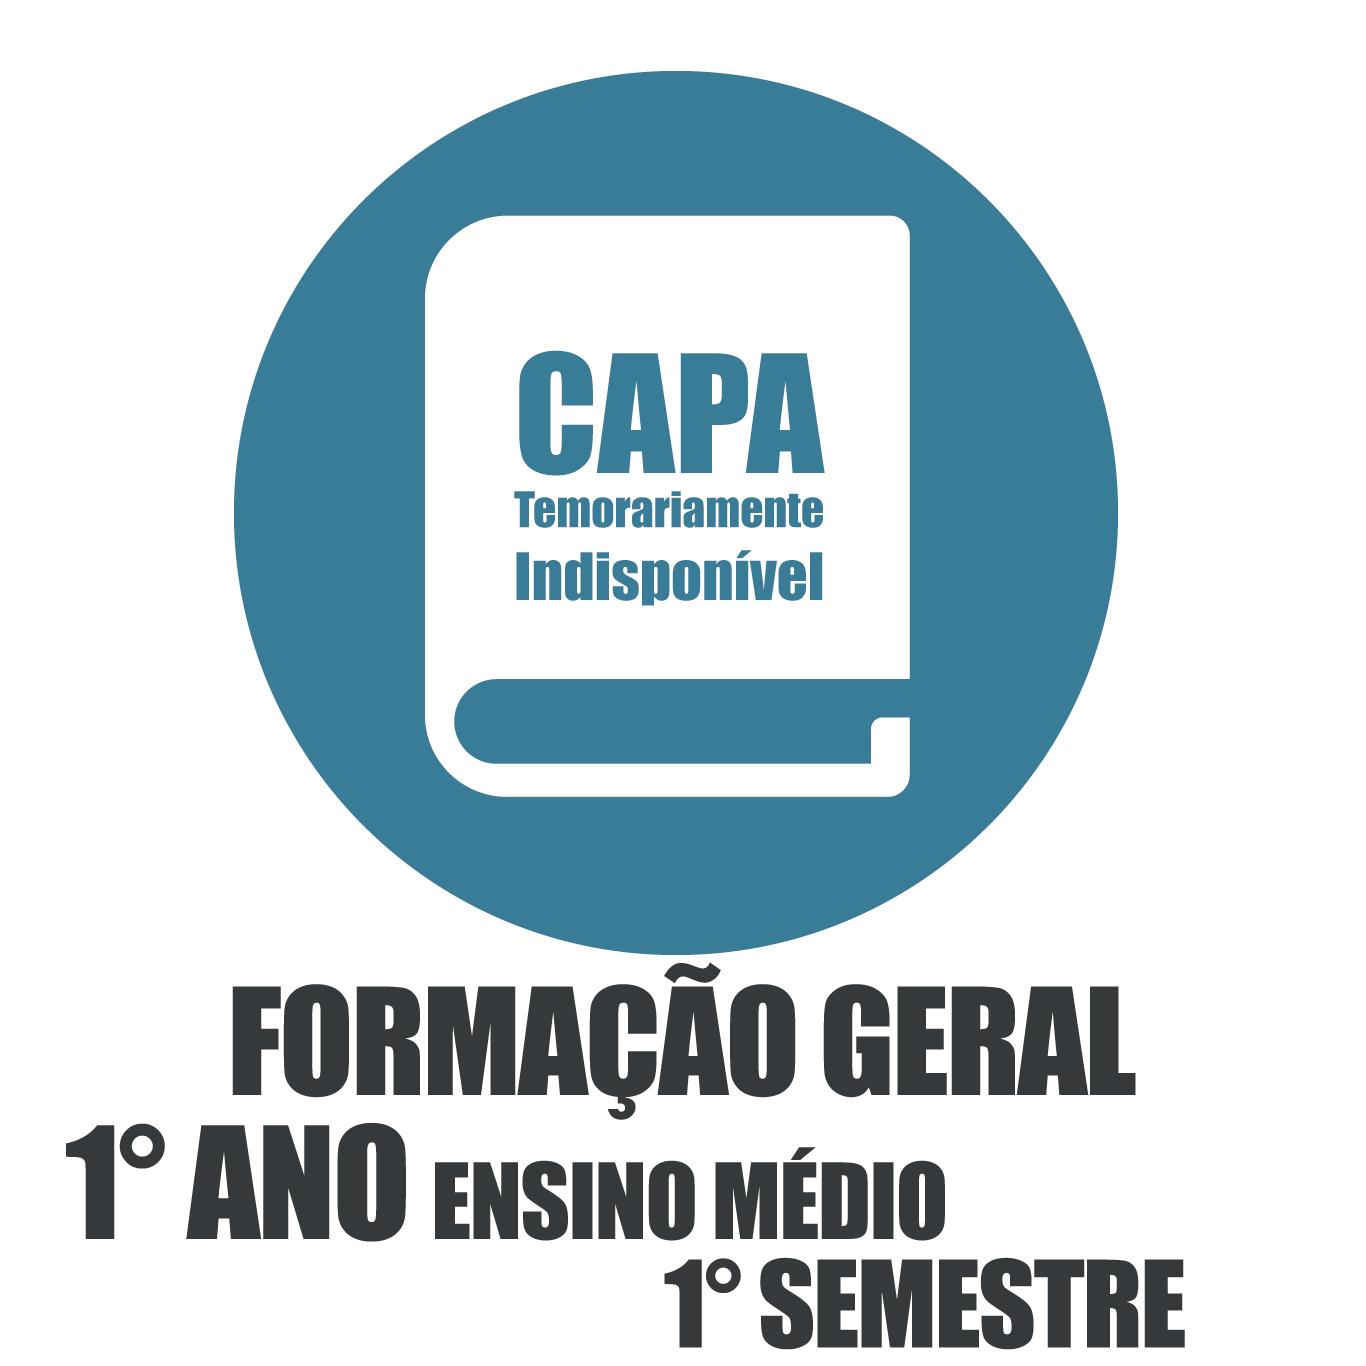 Formação Geral - 1° Ano Ensino Médio  - 1 Semestre